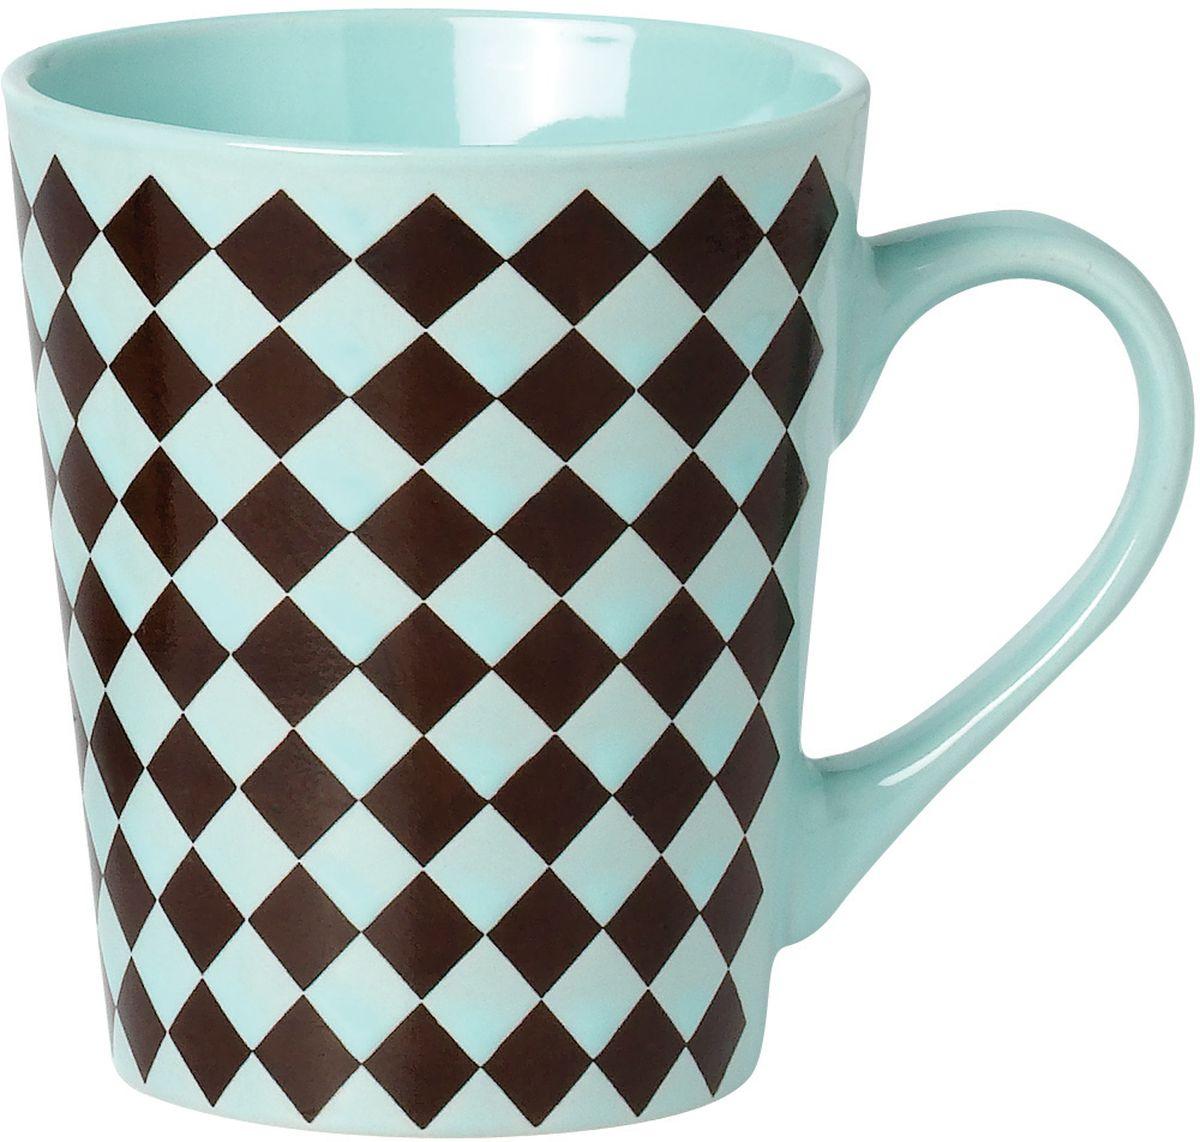 Кружка Rainbow Александрия, 310 млTL20-1Кружка Rainbow Александрия изготовлена из глазурованной керамики. Такая кружка прекрасно подойдет для горячих и холодных напитков. Она дополнит коллекцию вашей кухонной посуды и будет служить долгие годы.